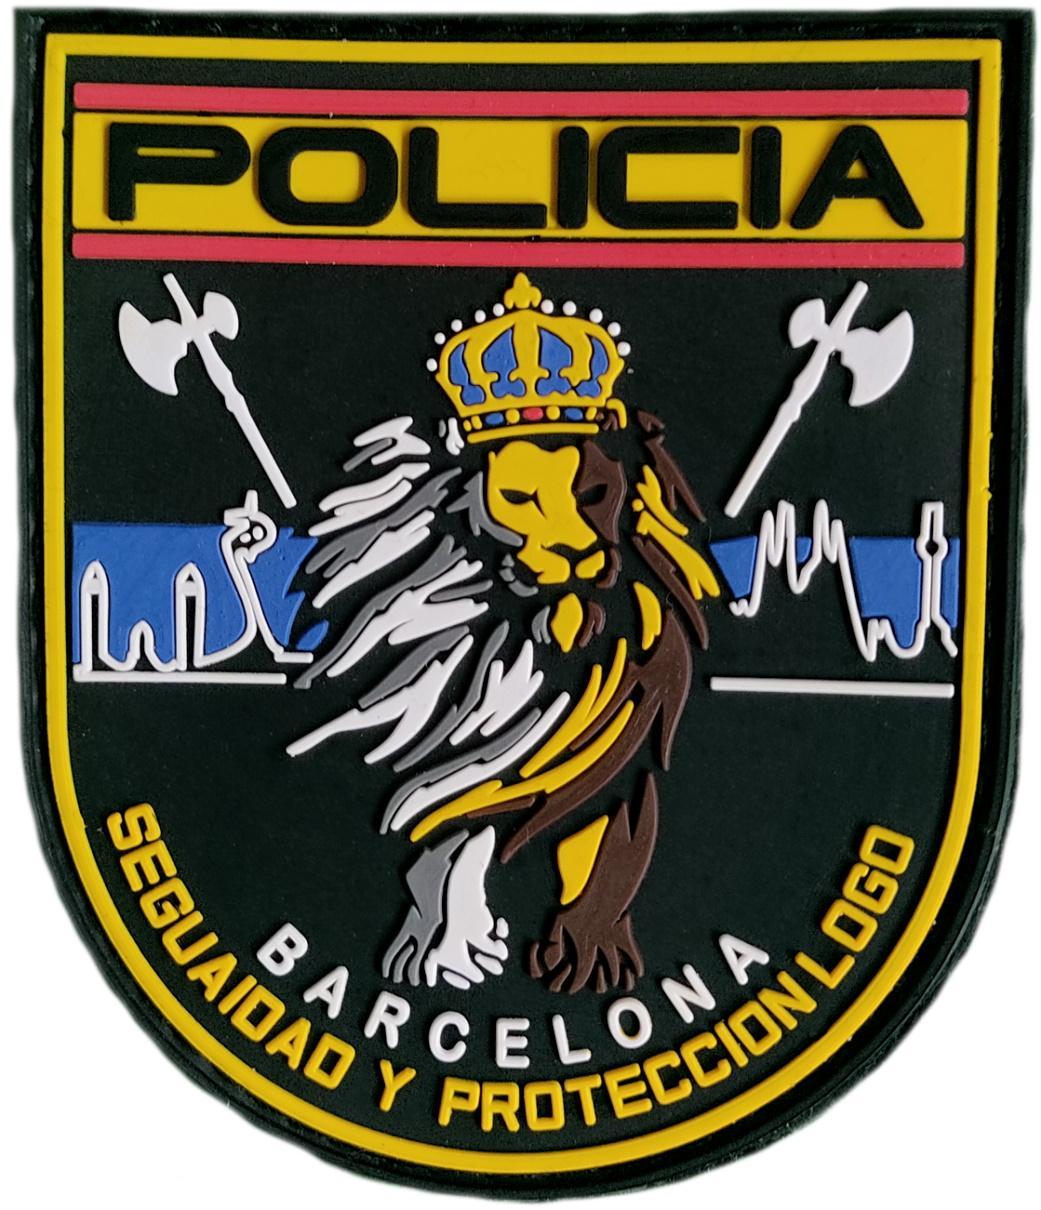 Policía Nacional CNP Barcelona Seguridad y Protección parche insignia emblema distintivo